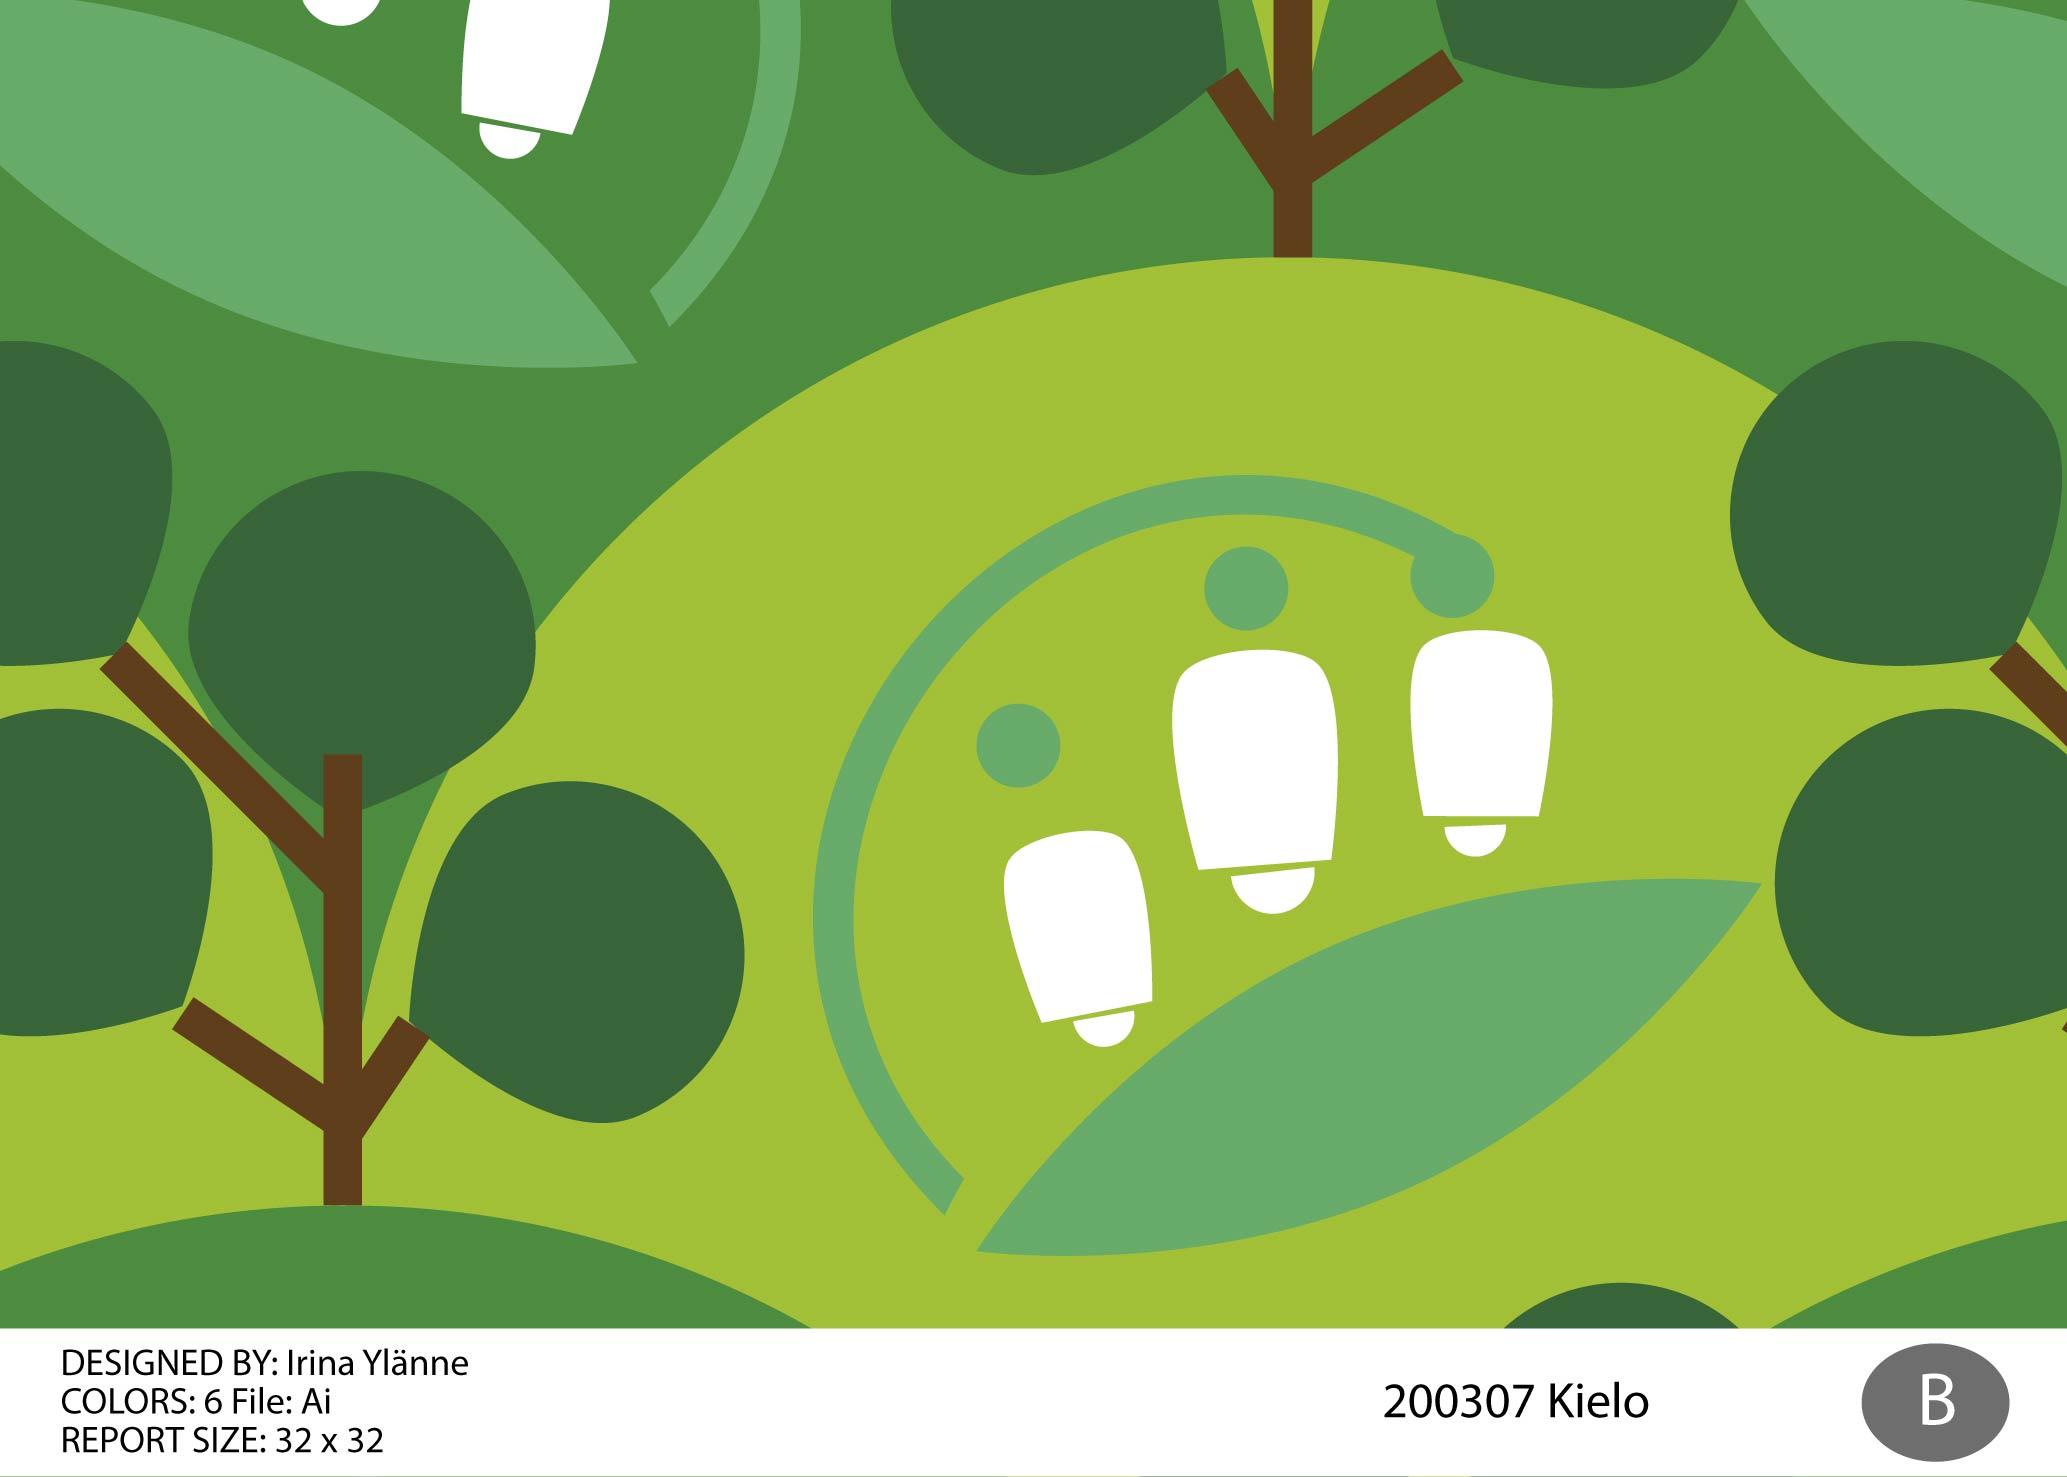 irina_200307_kielo-01